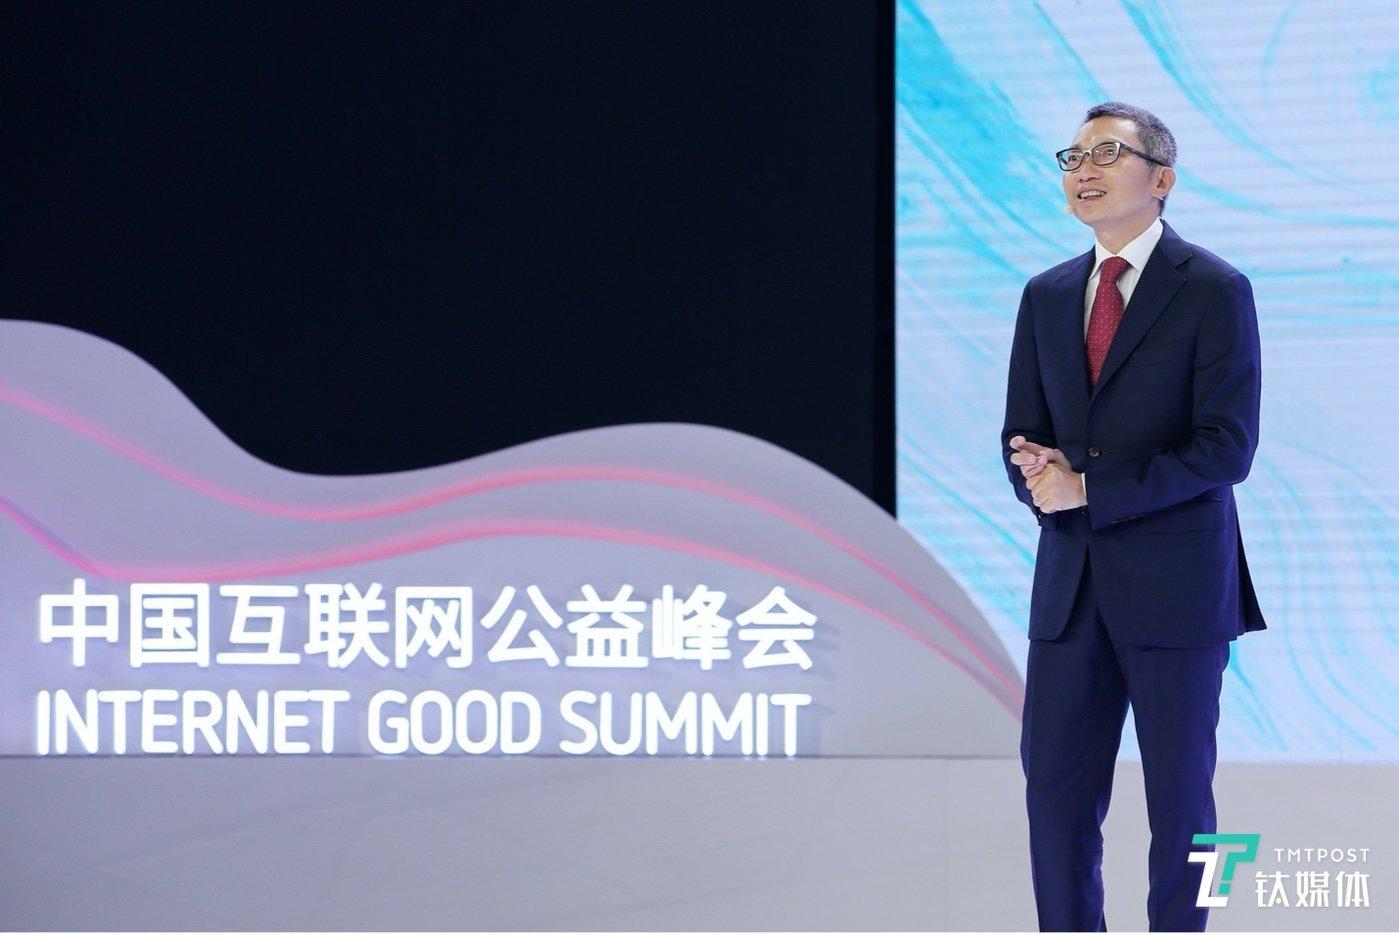 中国互联网公益峰会组委会主席、腾讯主要创始人、腾讯公益慈善基金会发起人兼荣誉理事长陈一丹